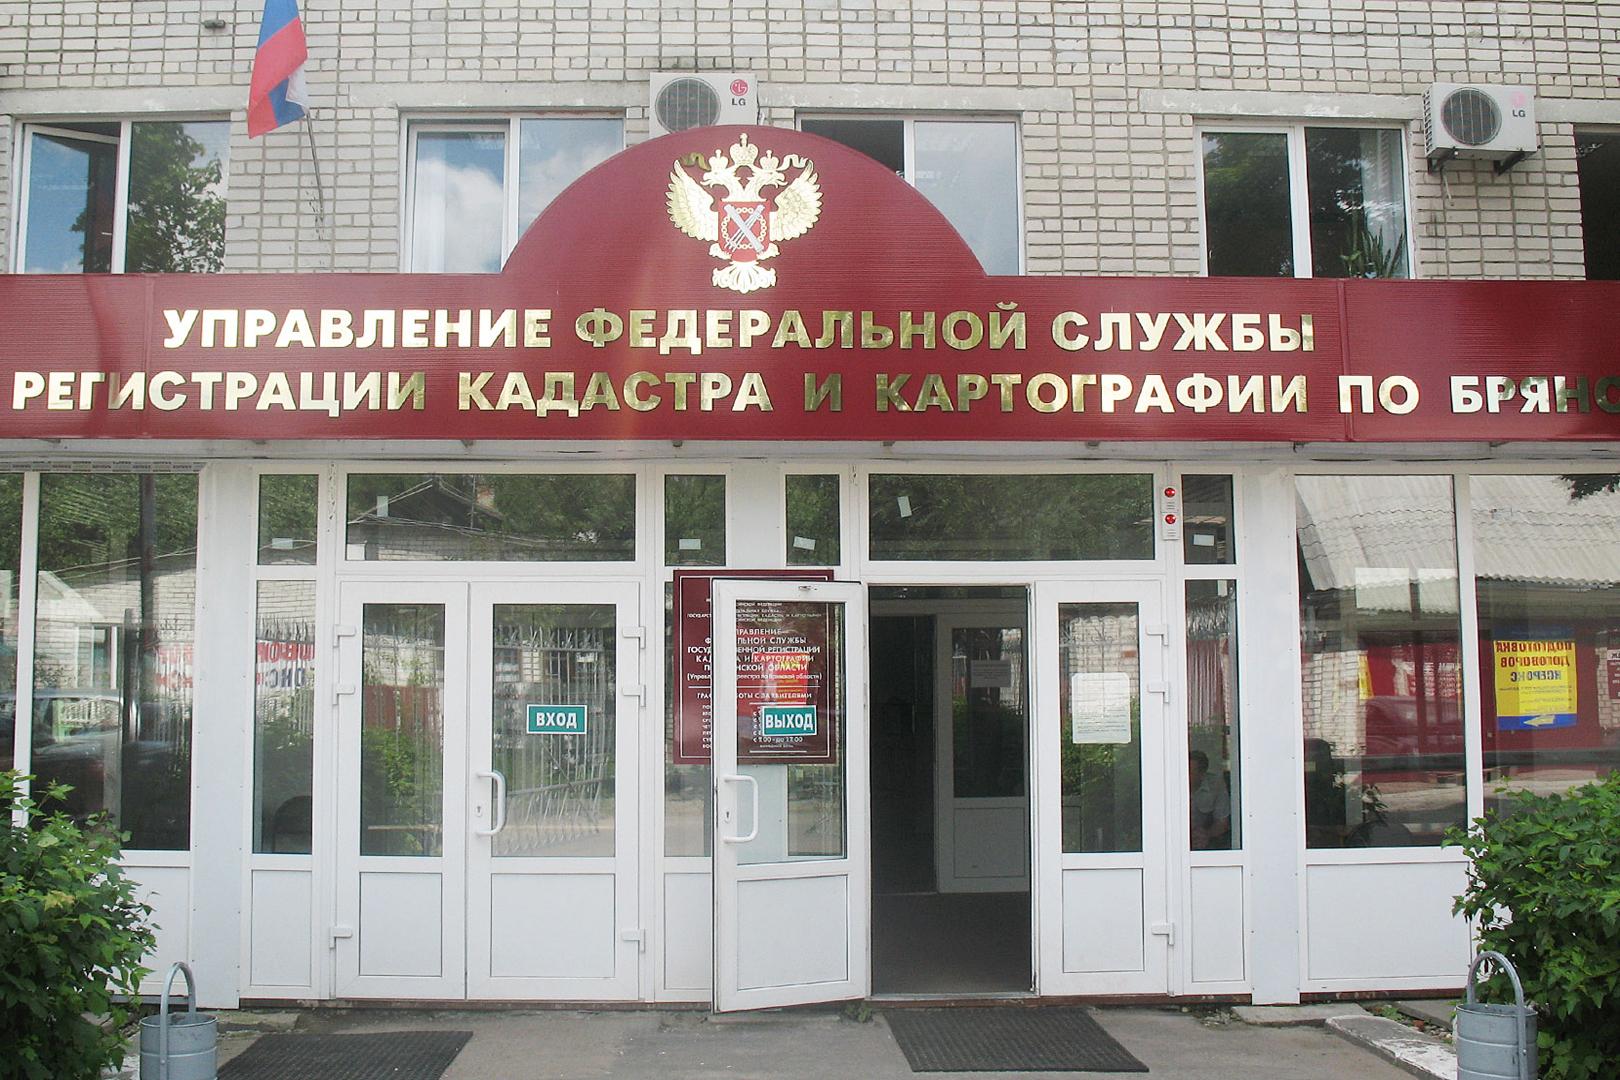 Бесплатная приватизация жилья вБрянской области завершится 1марта наступающего года